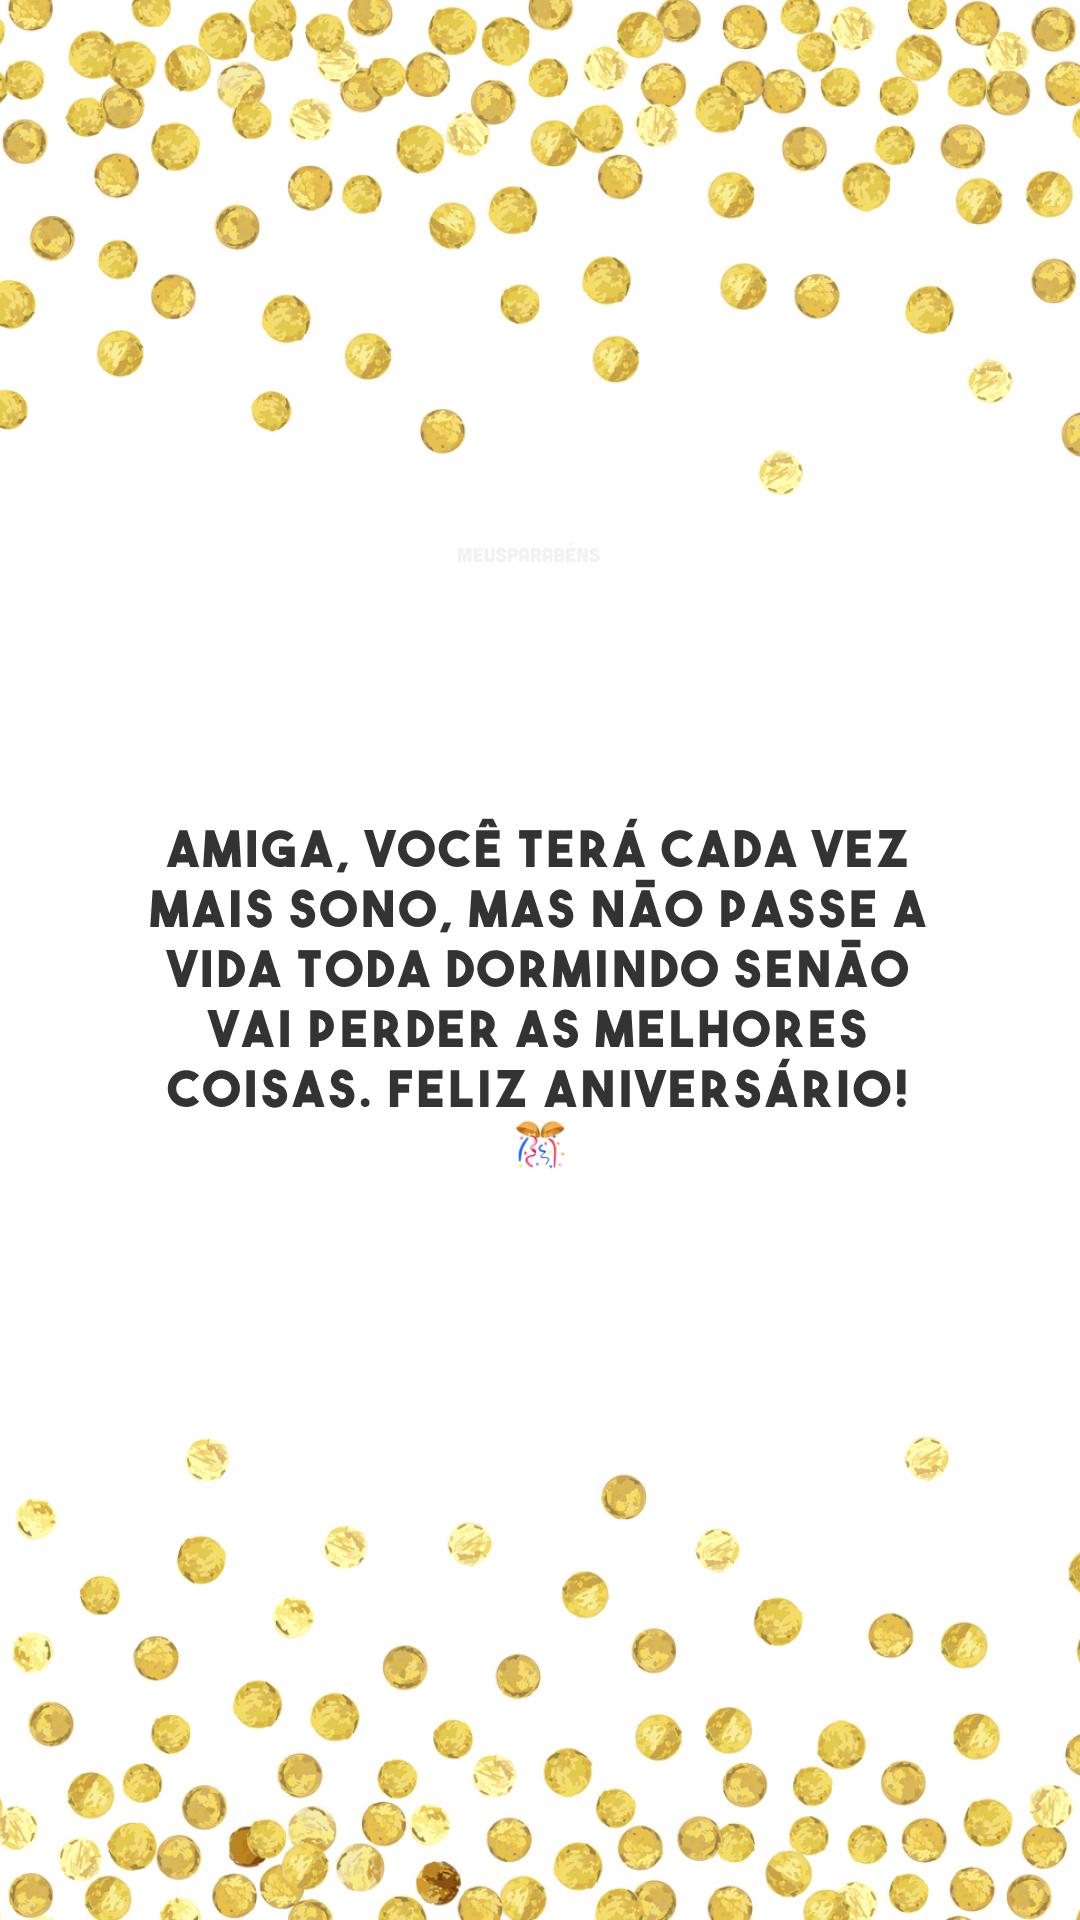 Amiga, você terá cada vez mais sono, mas não passe a vida toda dormindo senão vai perder as melhores coisas. Feliz aniversário! 🎊